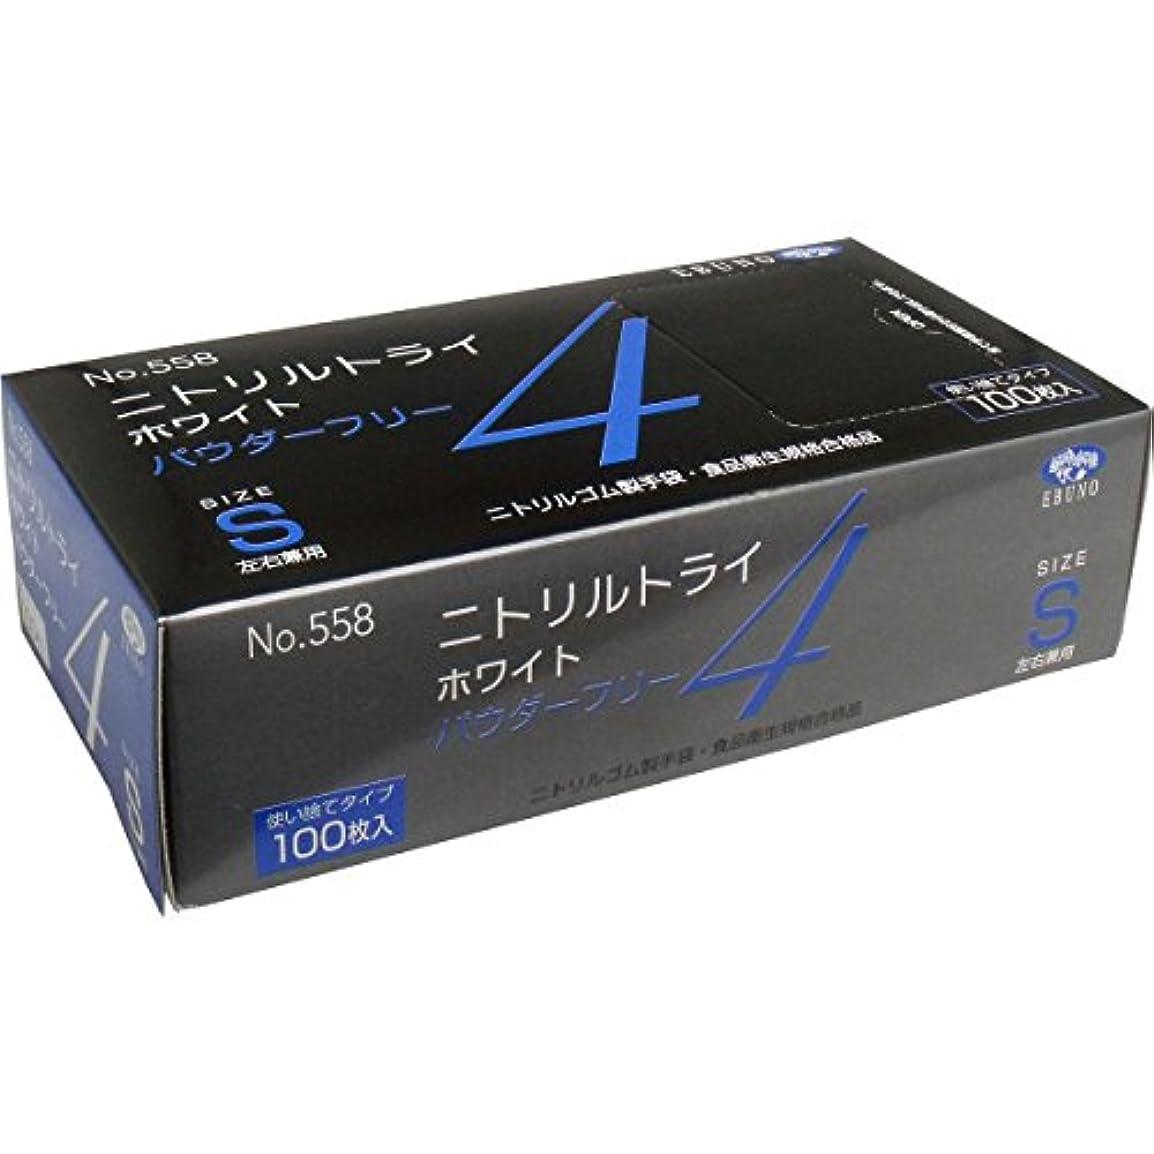 サバントインフレーションプログラムニトリルトライ4 №558 ホワイト 粉無 Sサイズ 100枚入